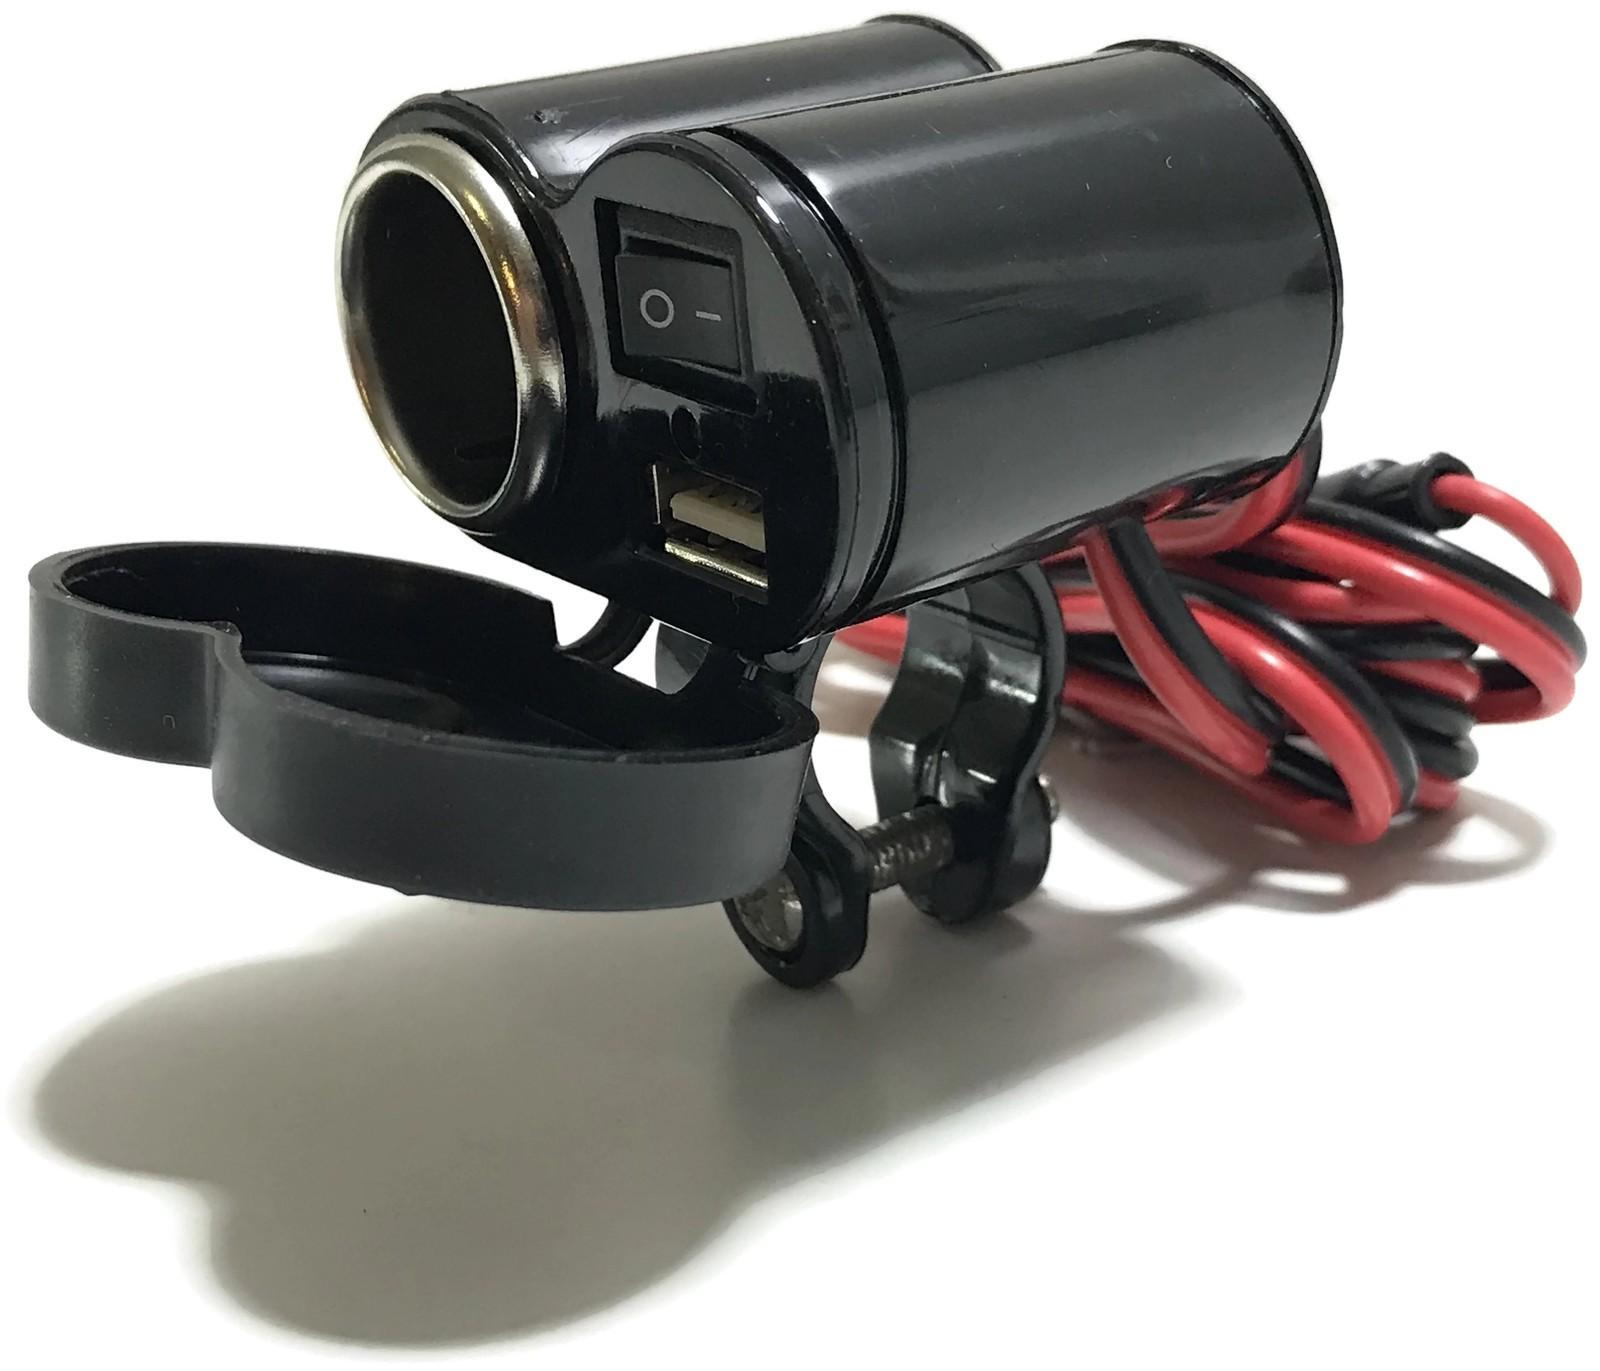 GNIAZDO ZAPALNICZKI USB 5V MOTOCYKL SKUTER QUAD